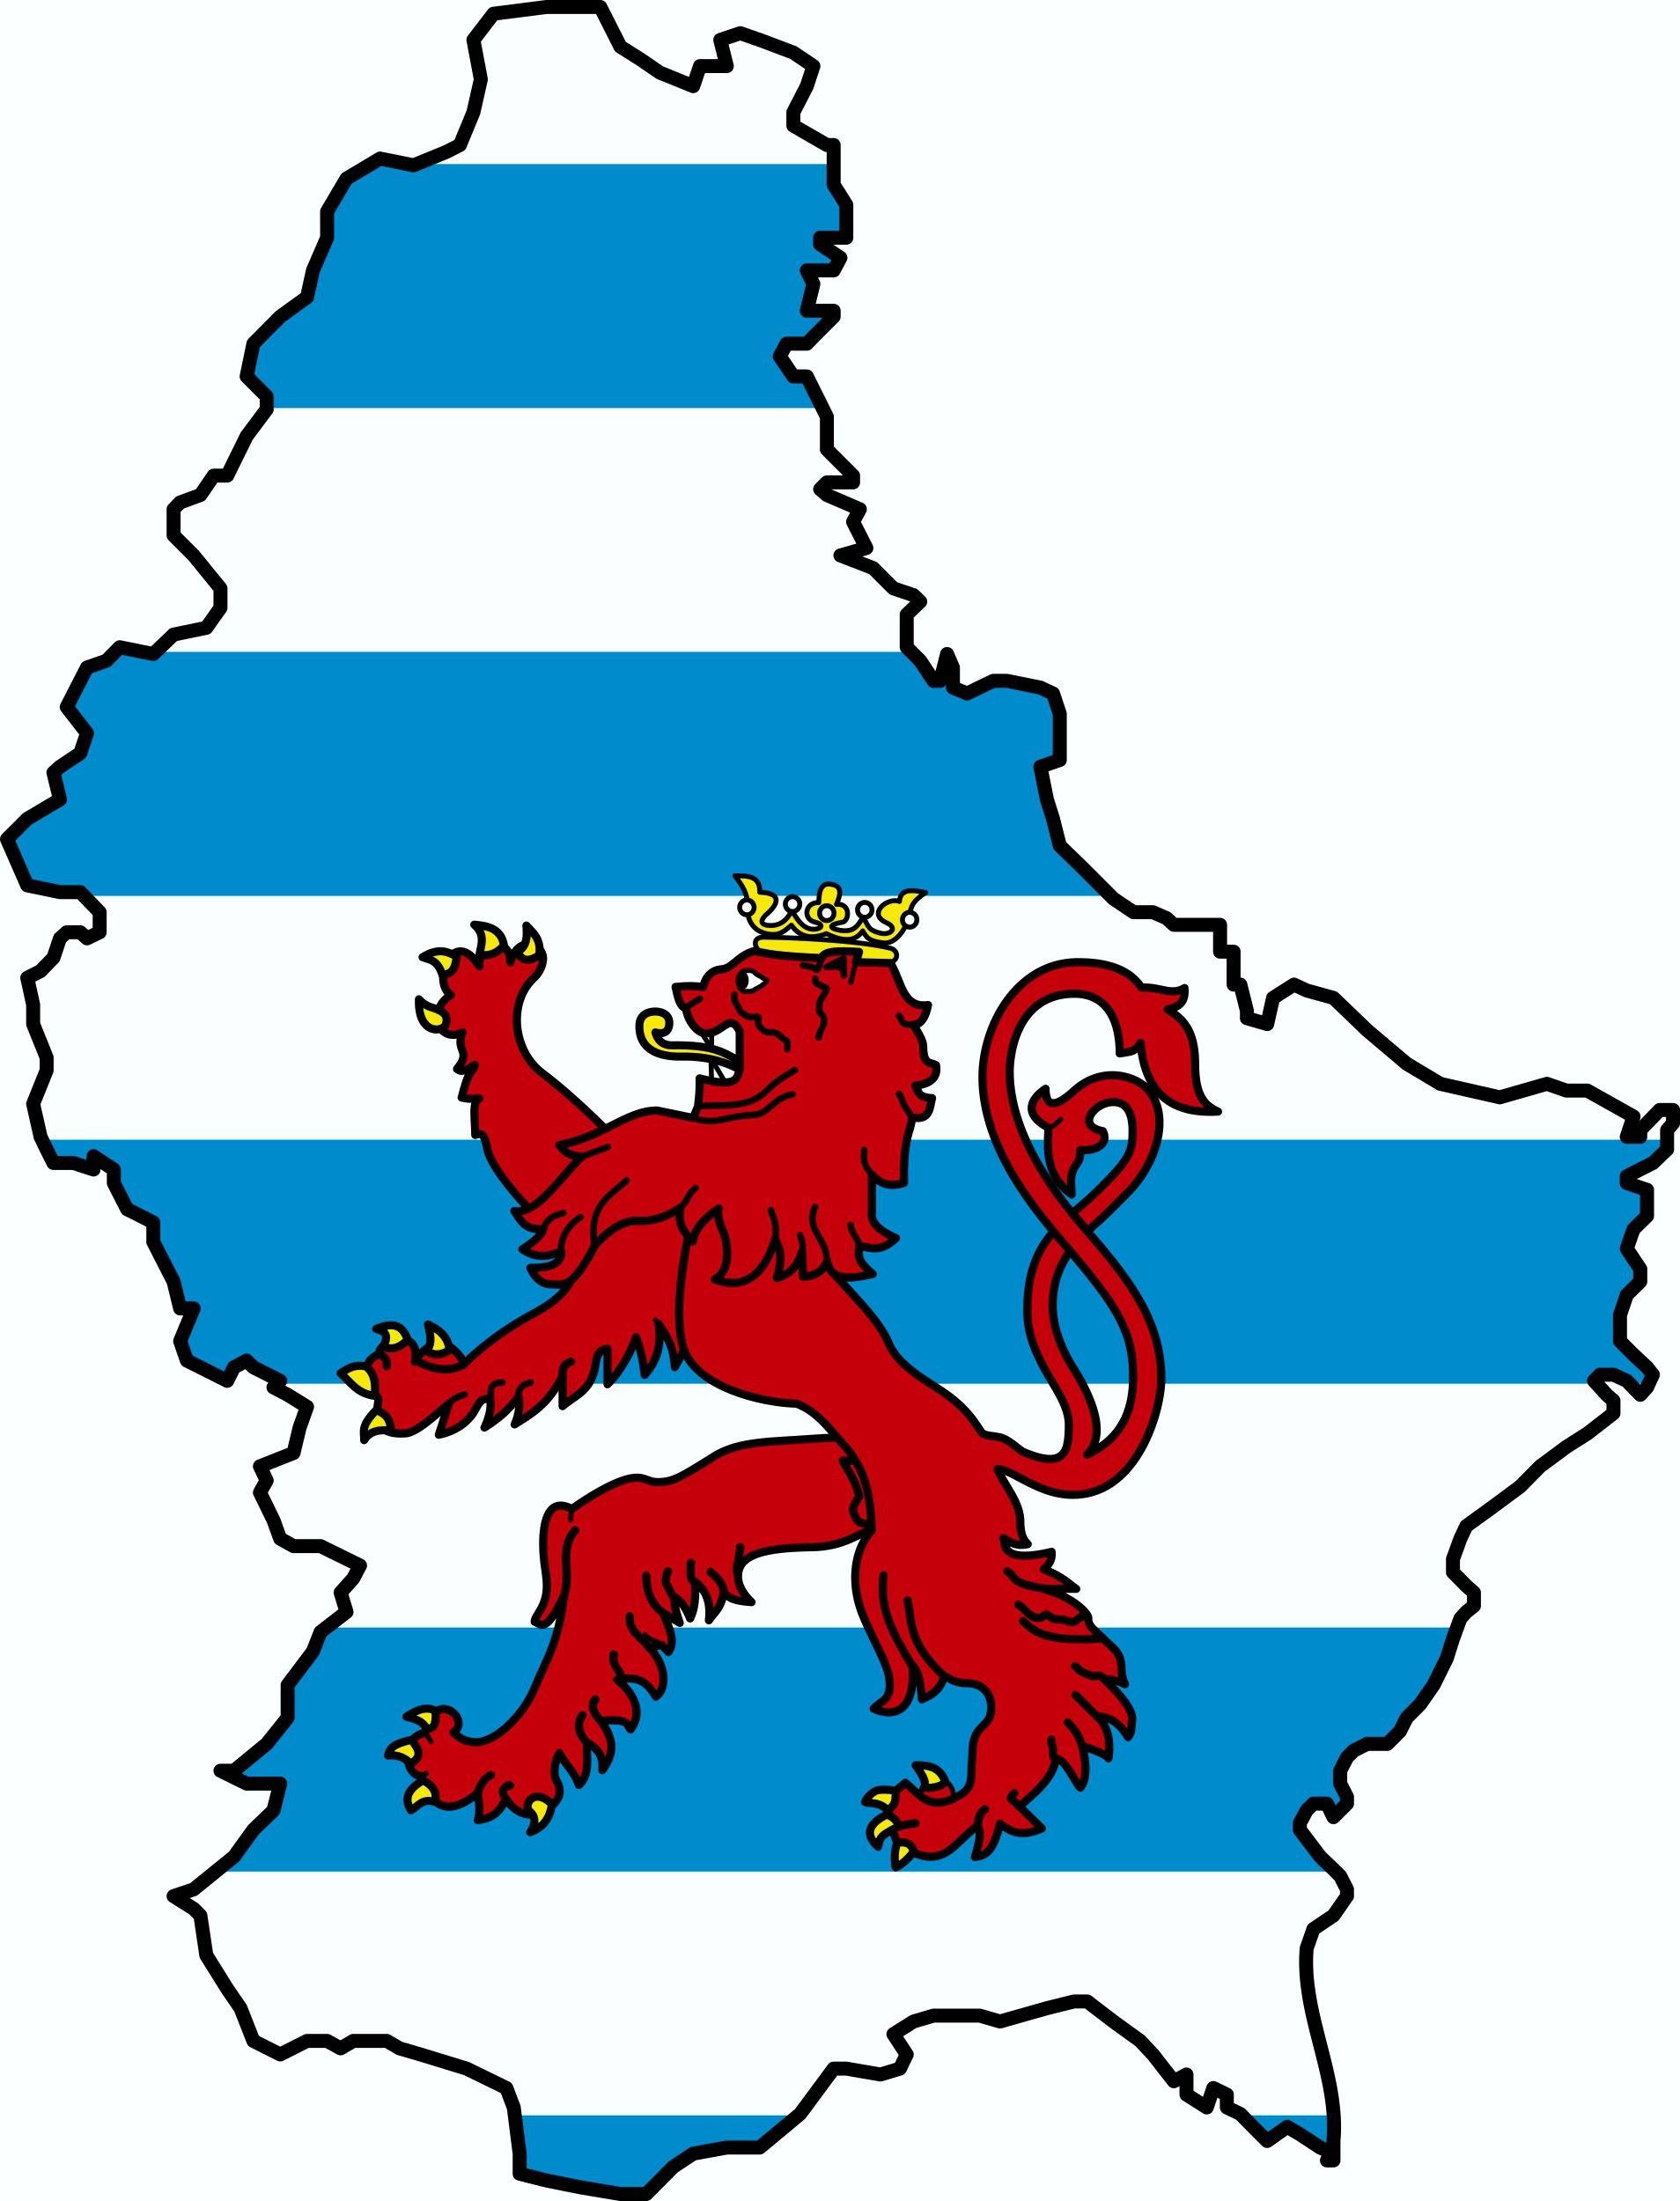 Aufkleber Luxemburg Landkontur Dimension 75 x 55 mm – Bild 1